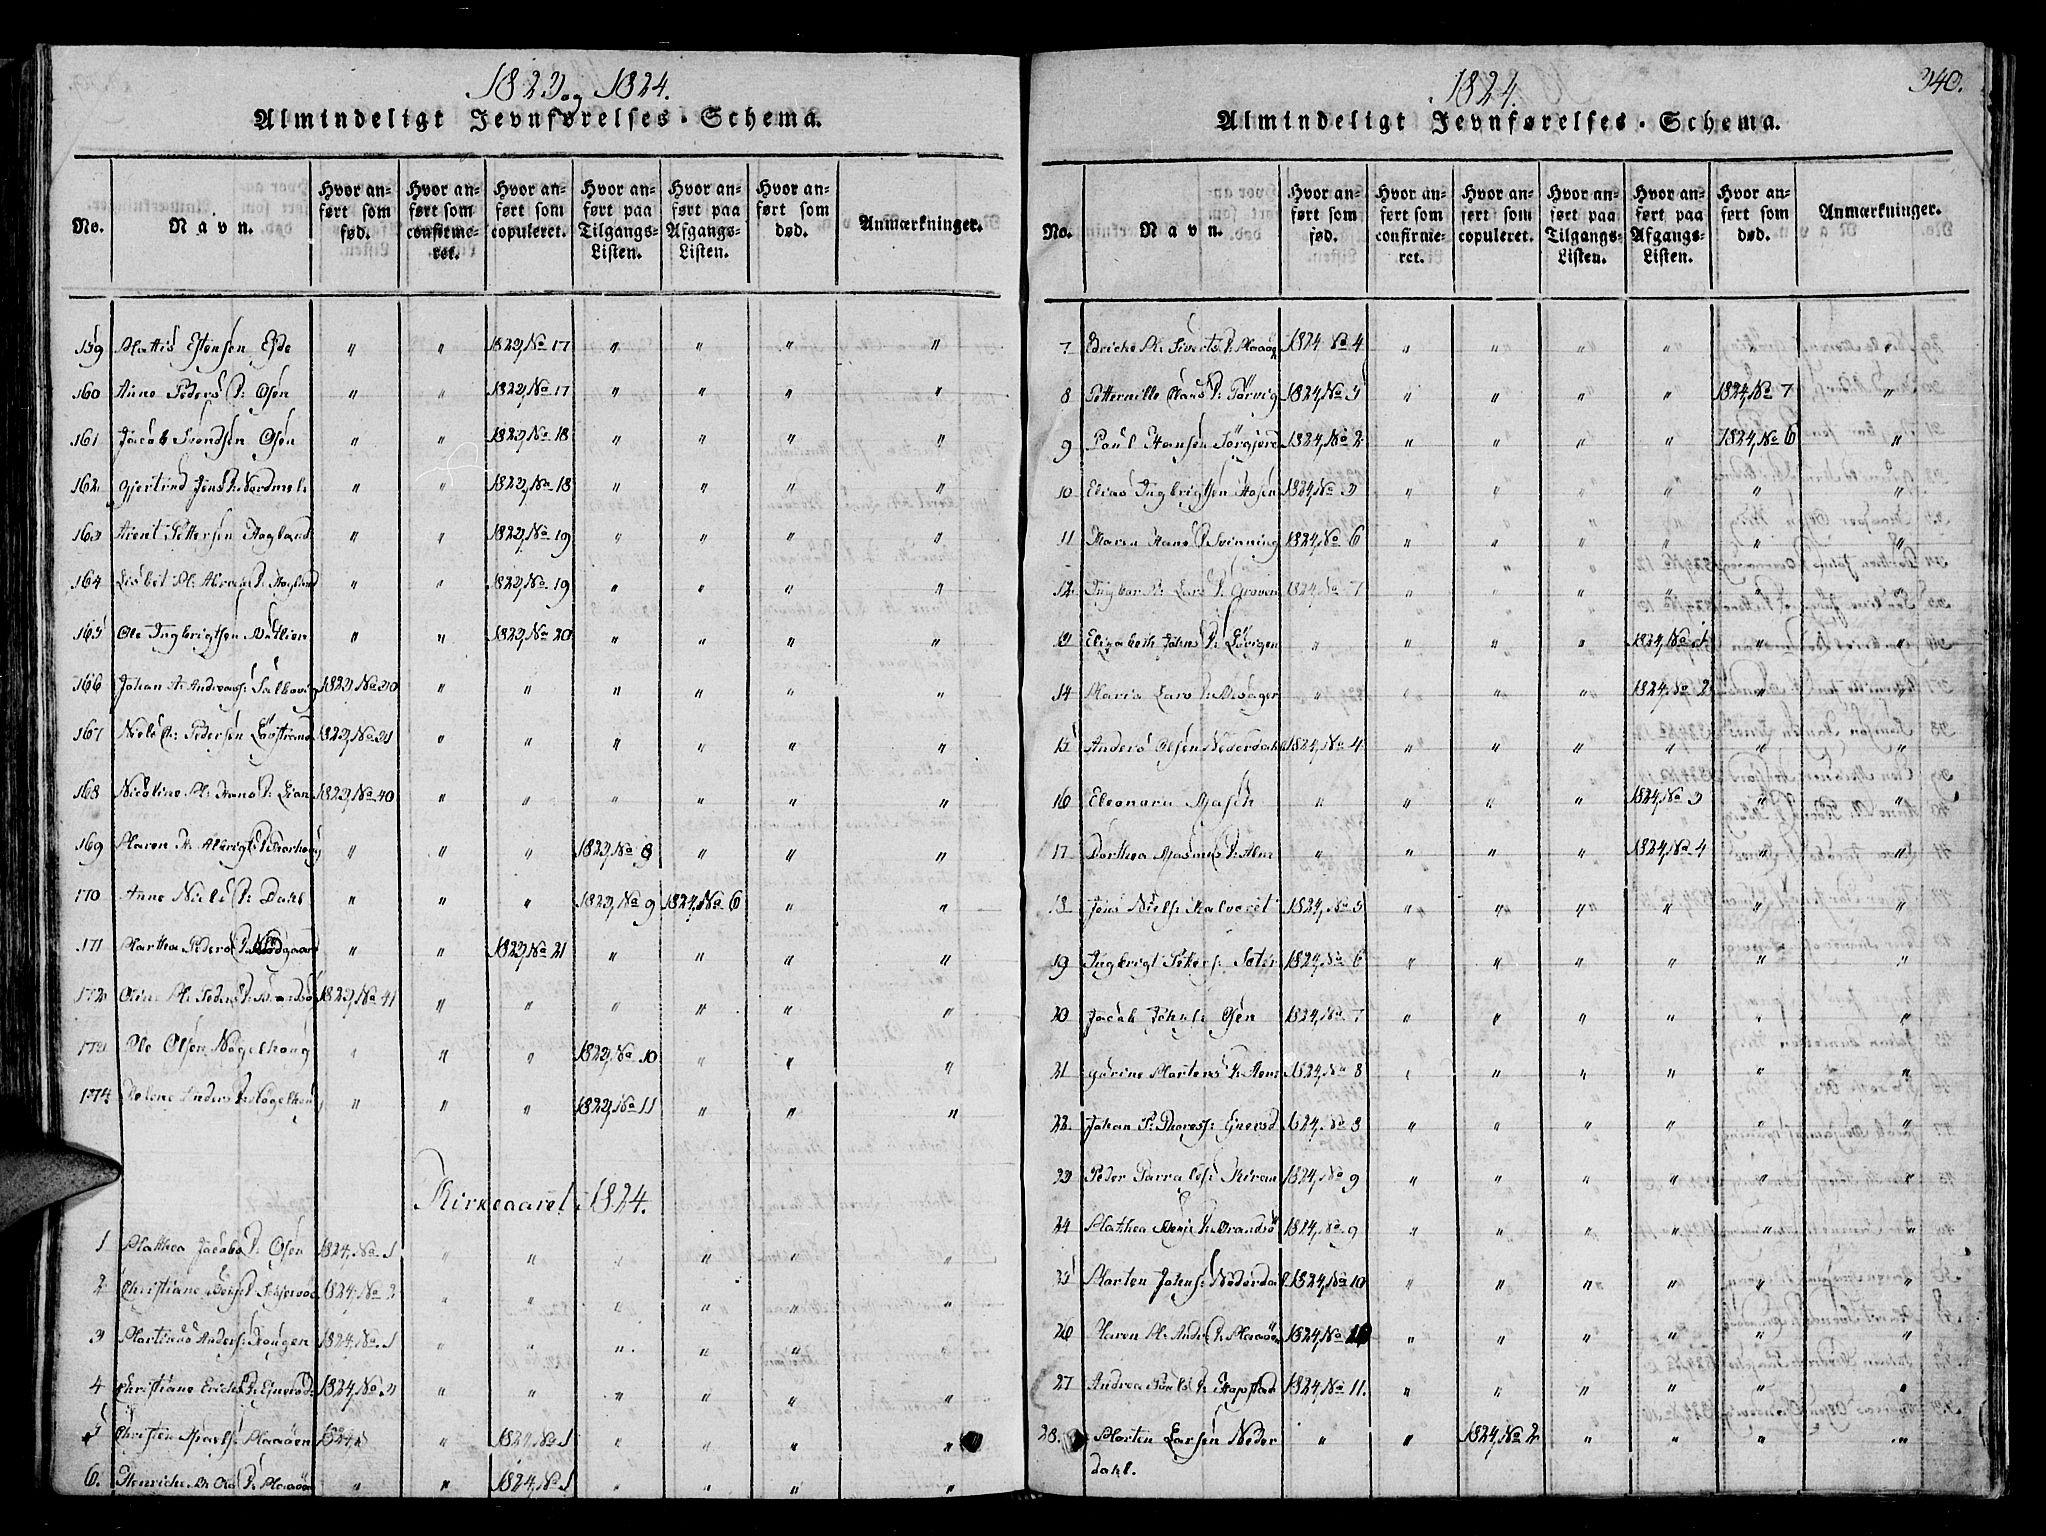 SAT, Ministerialprotokoller, klokkerbøker og fødselsregistre - Sør-Trøndelag, 657/L0702: Ministerialbok nr. 657A03, 1818-1831, s. 340